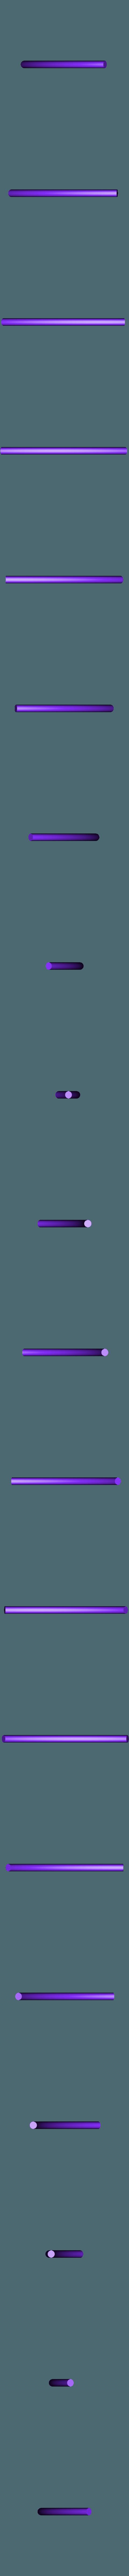 axle_5_45.STL Télécharger fichier STL gratuit MEGA Expansion 200+ Pièces • Plan à imprimer en 3D, Pwentey